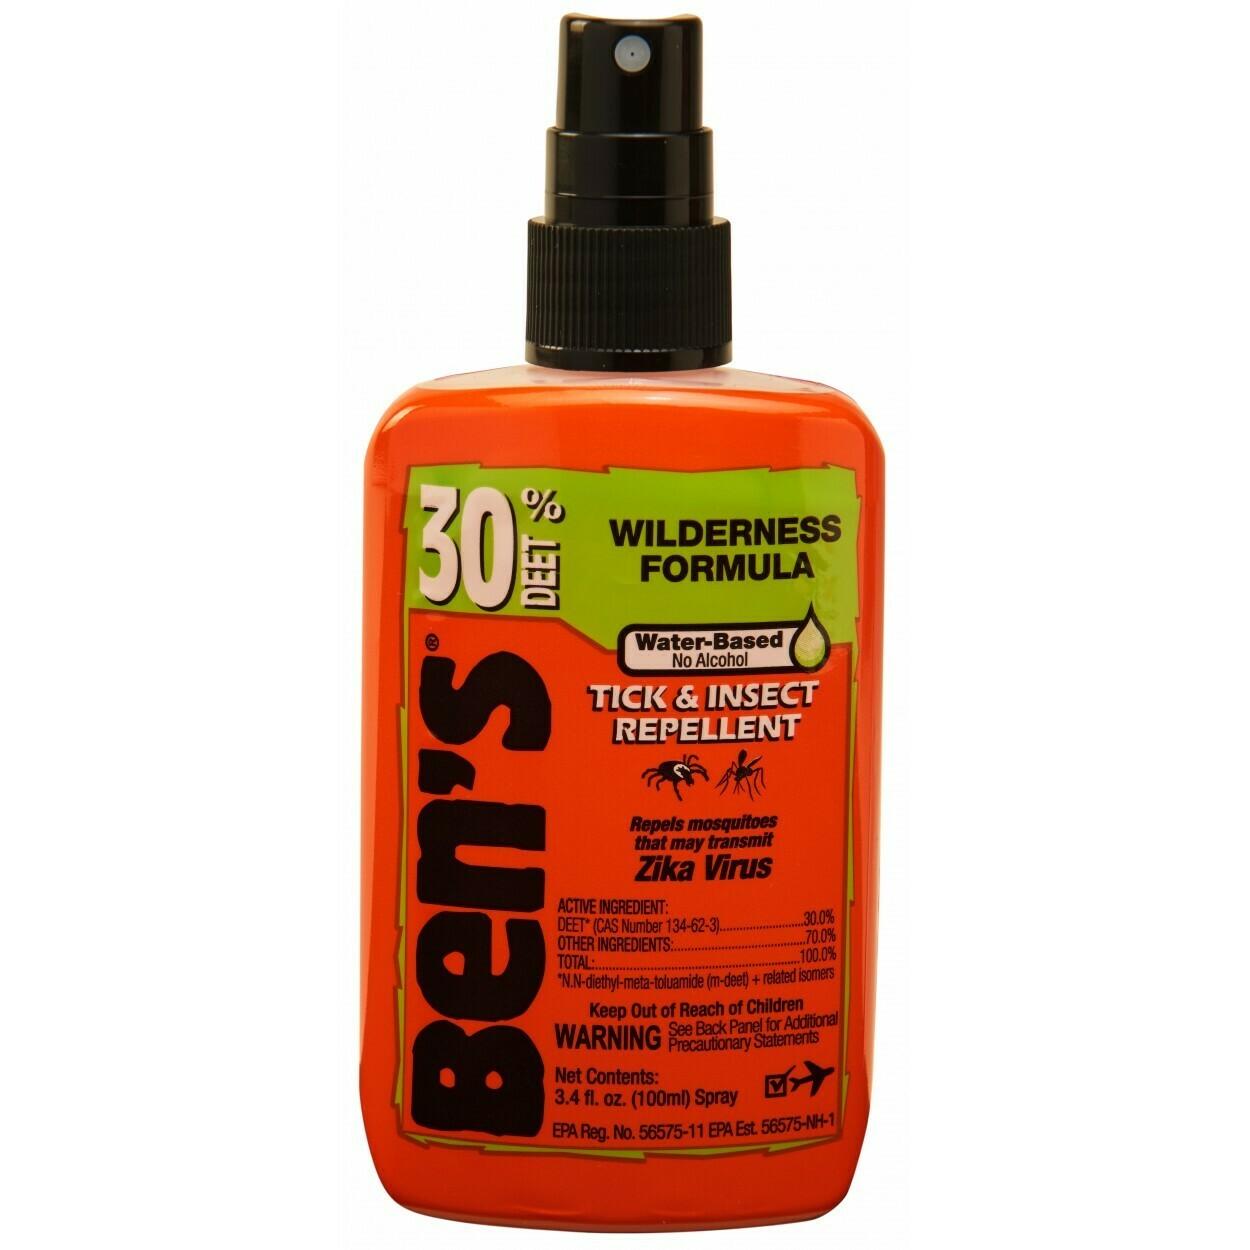 Ben's Insect & Tick Repellent 3.4oz pump spray 30% Deet